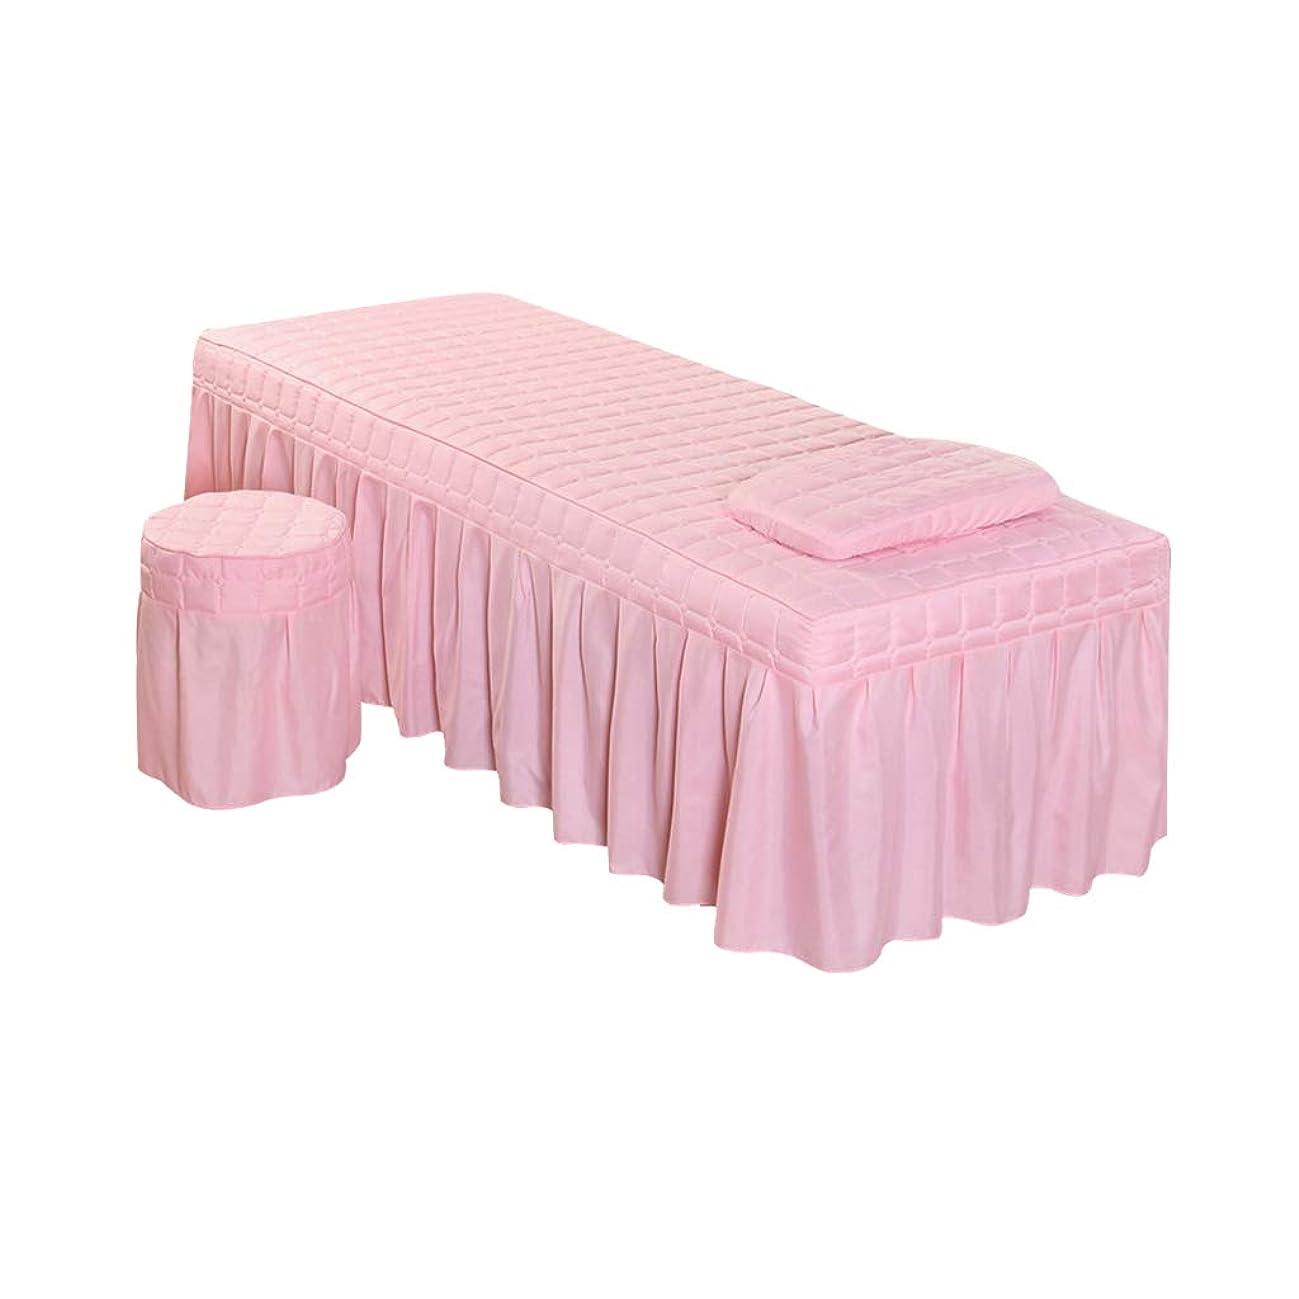 枠どういたしまして後ろ、背後、背面(部PETSOLA 全11色 ベッドタオル エステタオル 穴付き ベッドシーツ 枕カバー スツールカバー マッサージ - ピンク